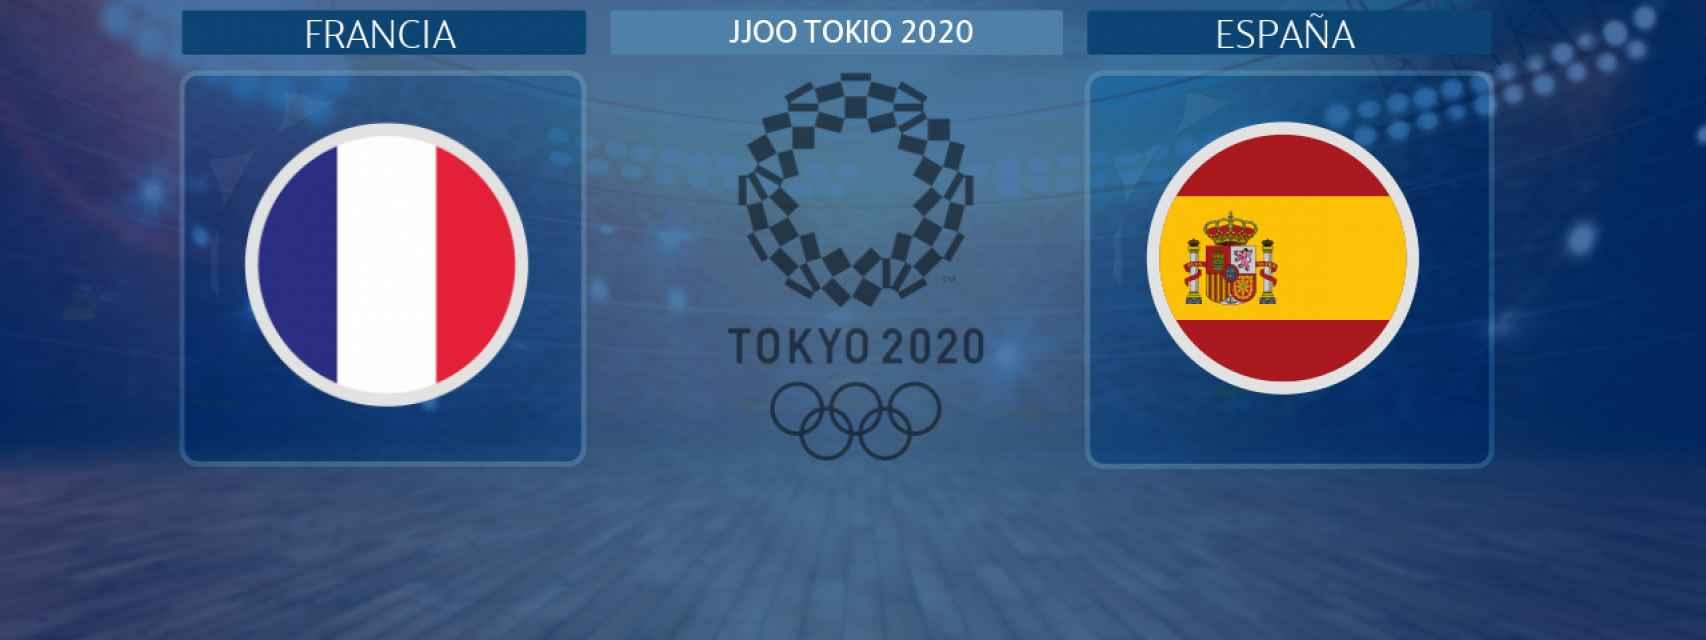 Francia - España, partido de balonmano femenino de los JJOO Tokio 2020